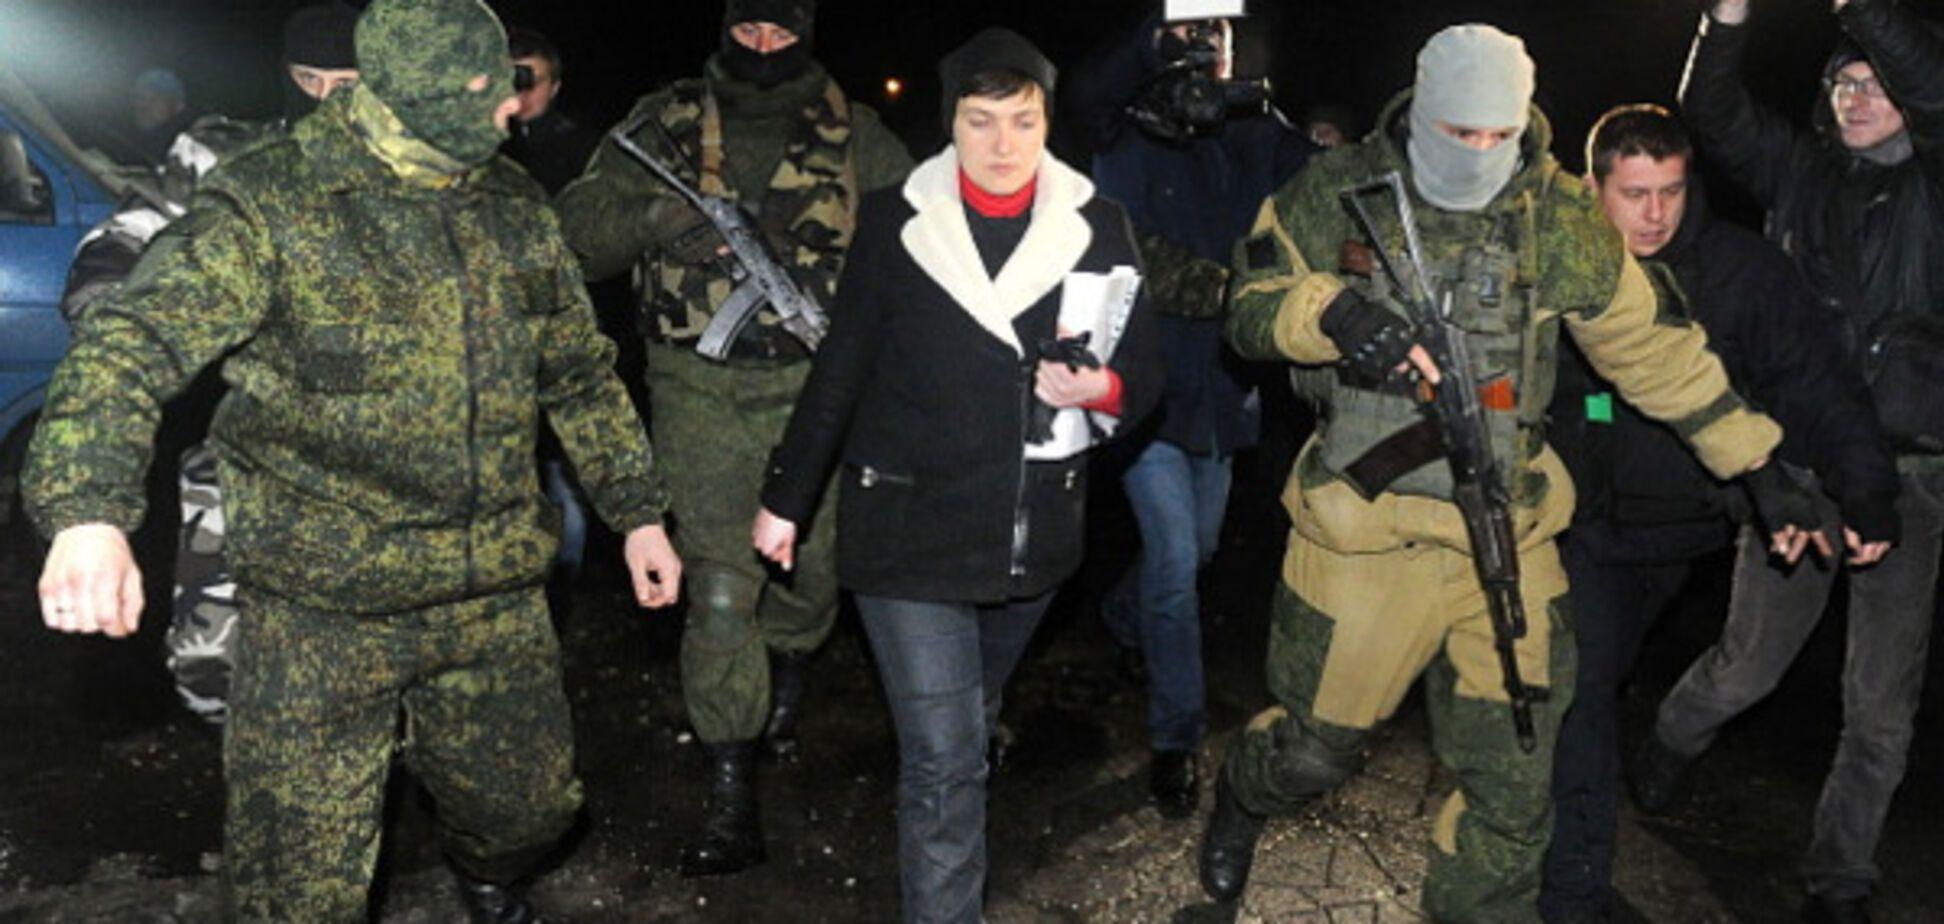 Не раскололи: в СБУ рассказали, как Савченко изворачивалась на допросе